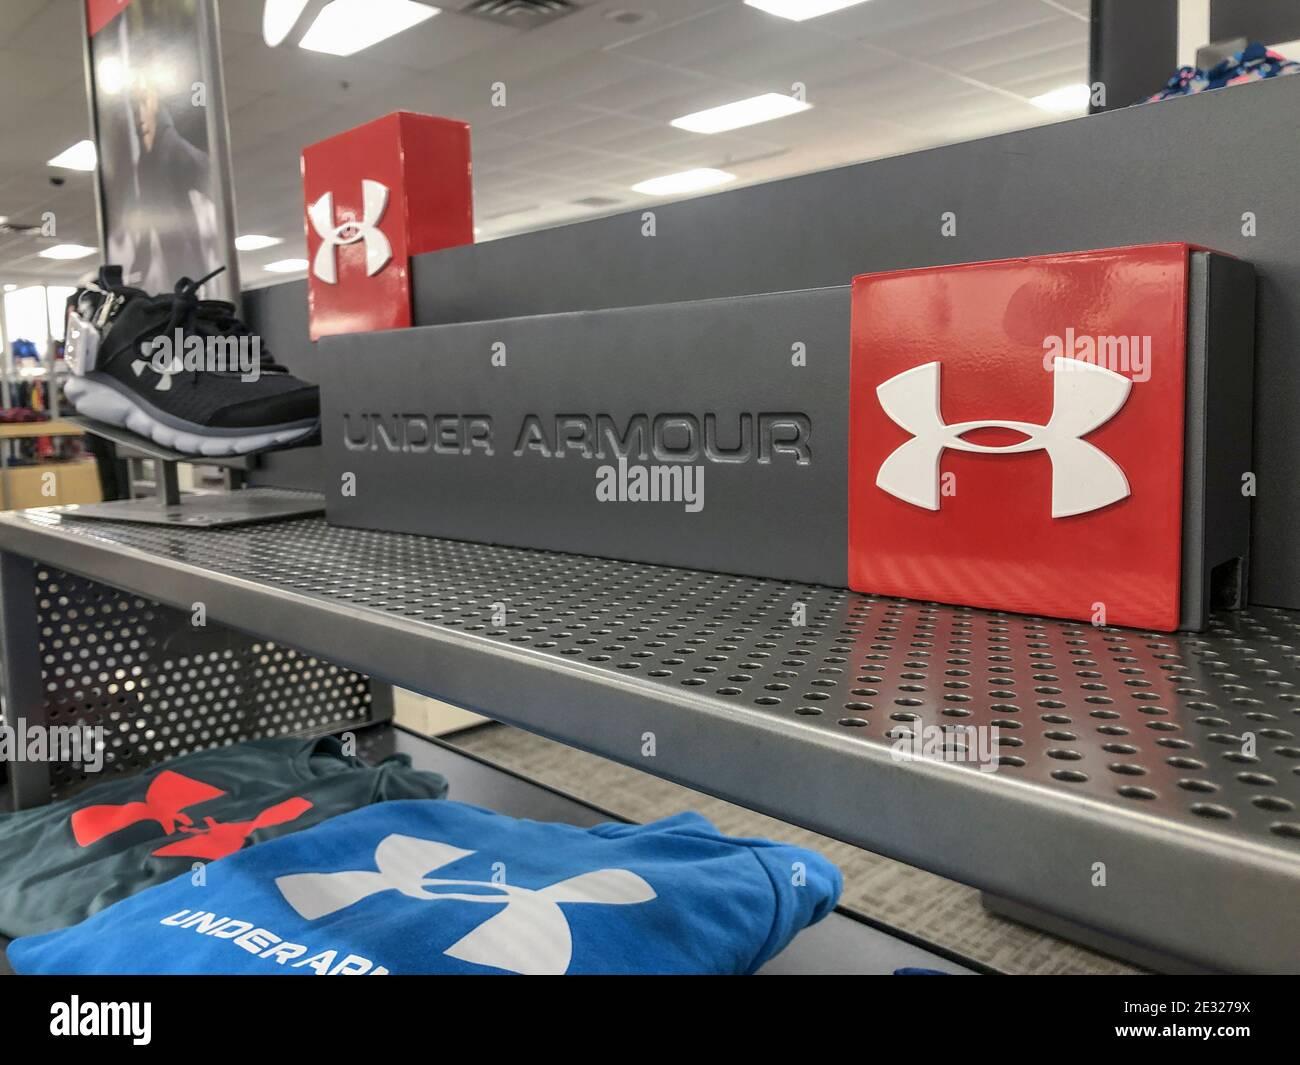 Indianapolis - Circa Enero 2021: Pantalla de Under Armor. Under Armor fabrica una popular línea de ropa para equipos deportivos. Foto de stock